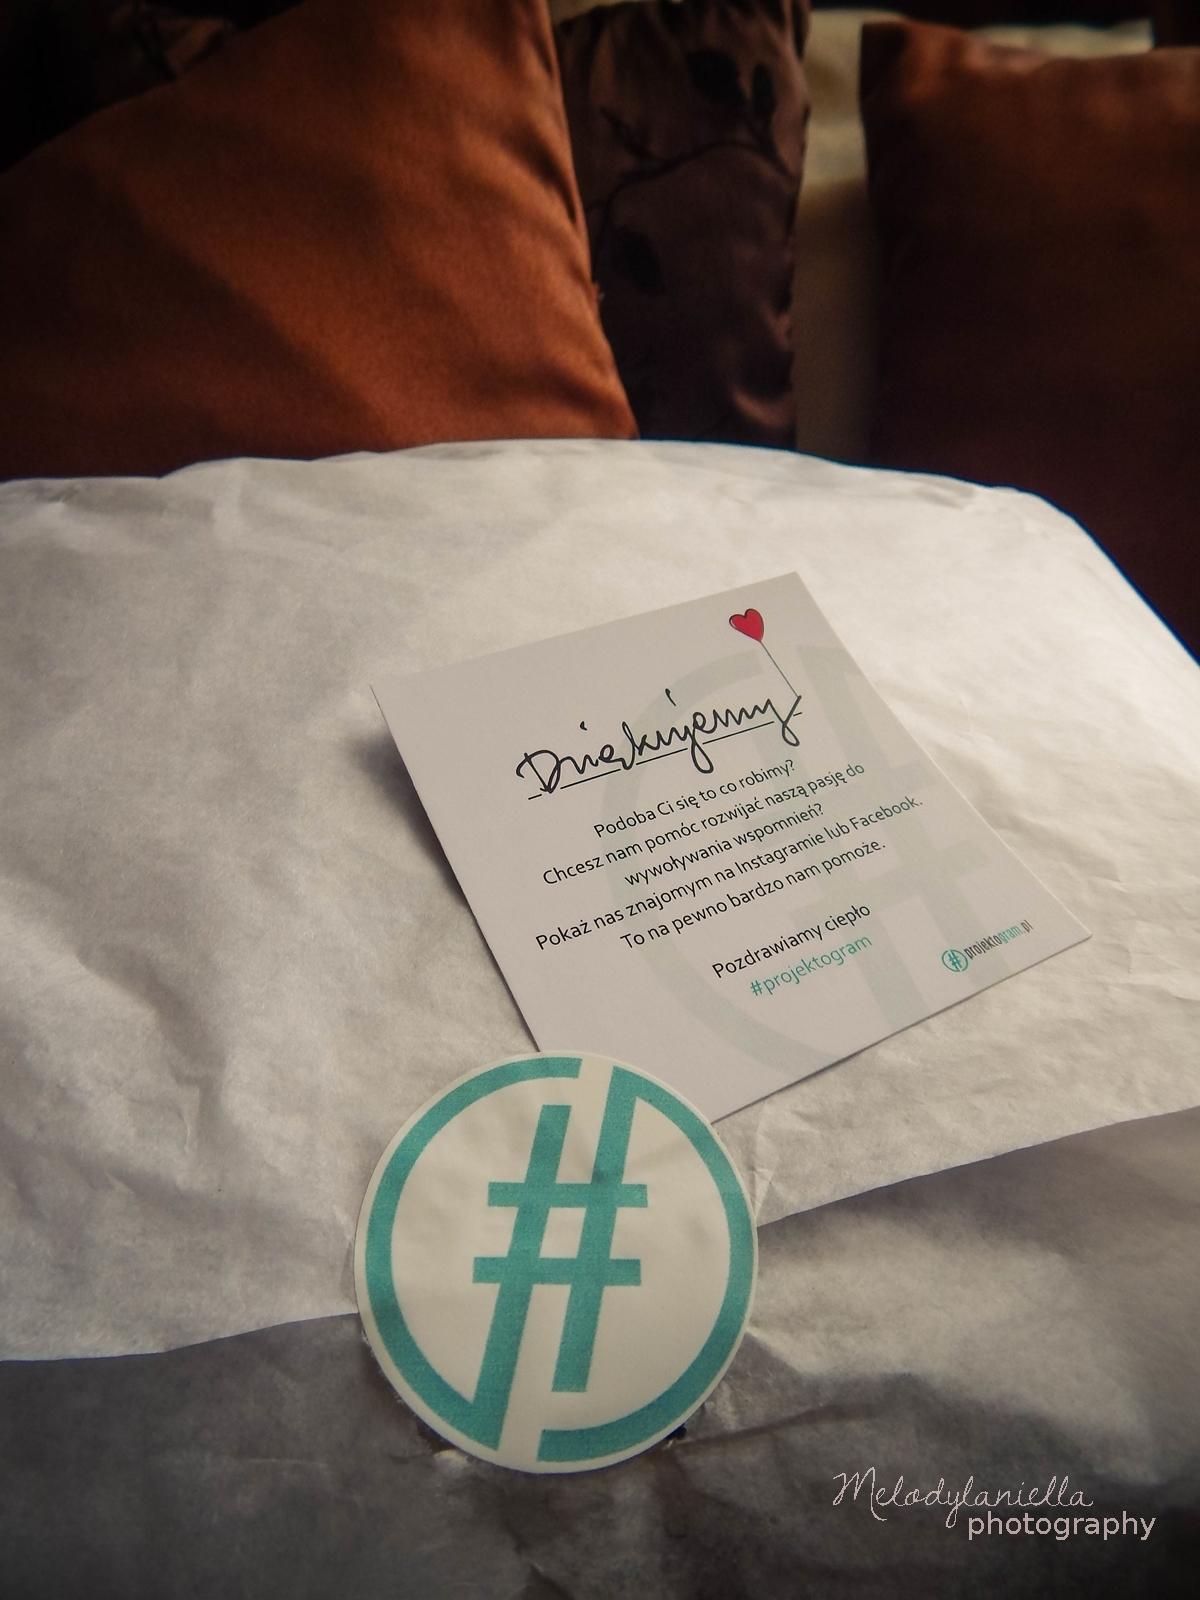 projektogram poduszka z własnym zdjęciem zaprojektuj swoją poduszkę zdjęcia instagram fotografia prezenty dla fotografów zakochani w zdjeciach wspomnienia z wakacji na poduszcze pillow photos aplikacja projektogram